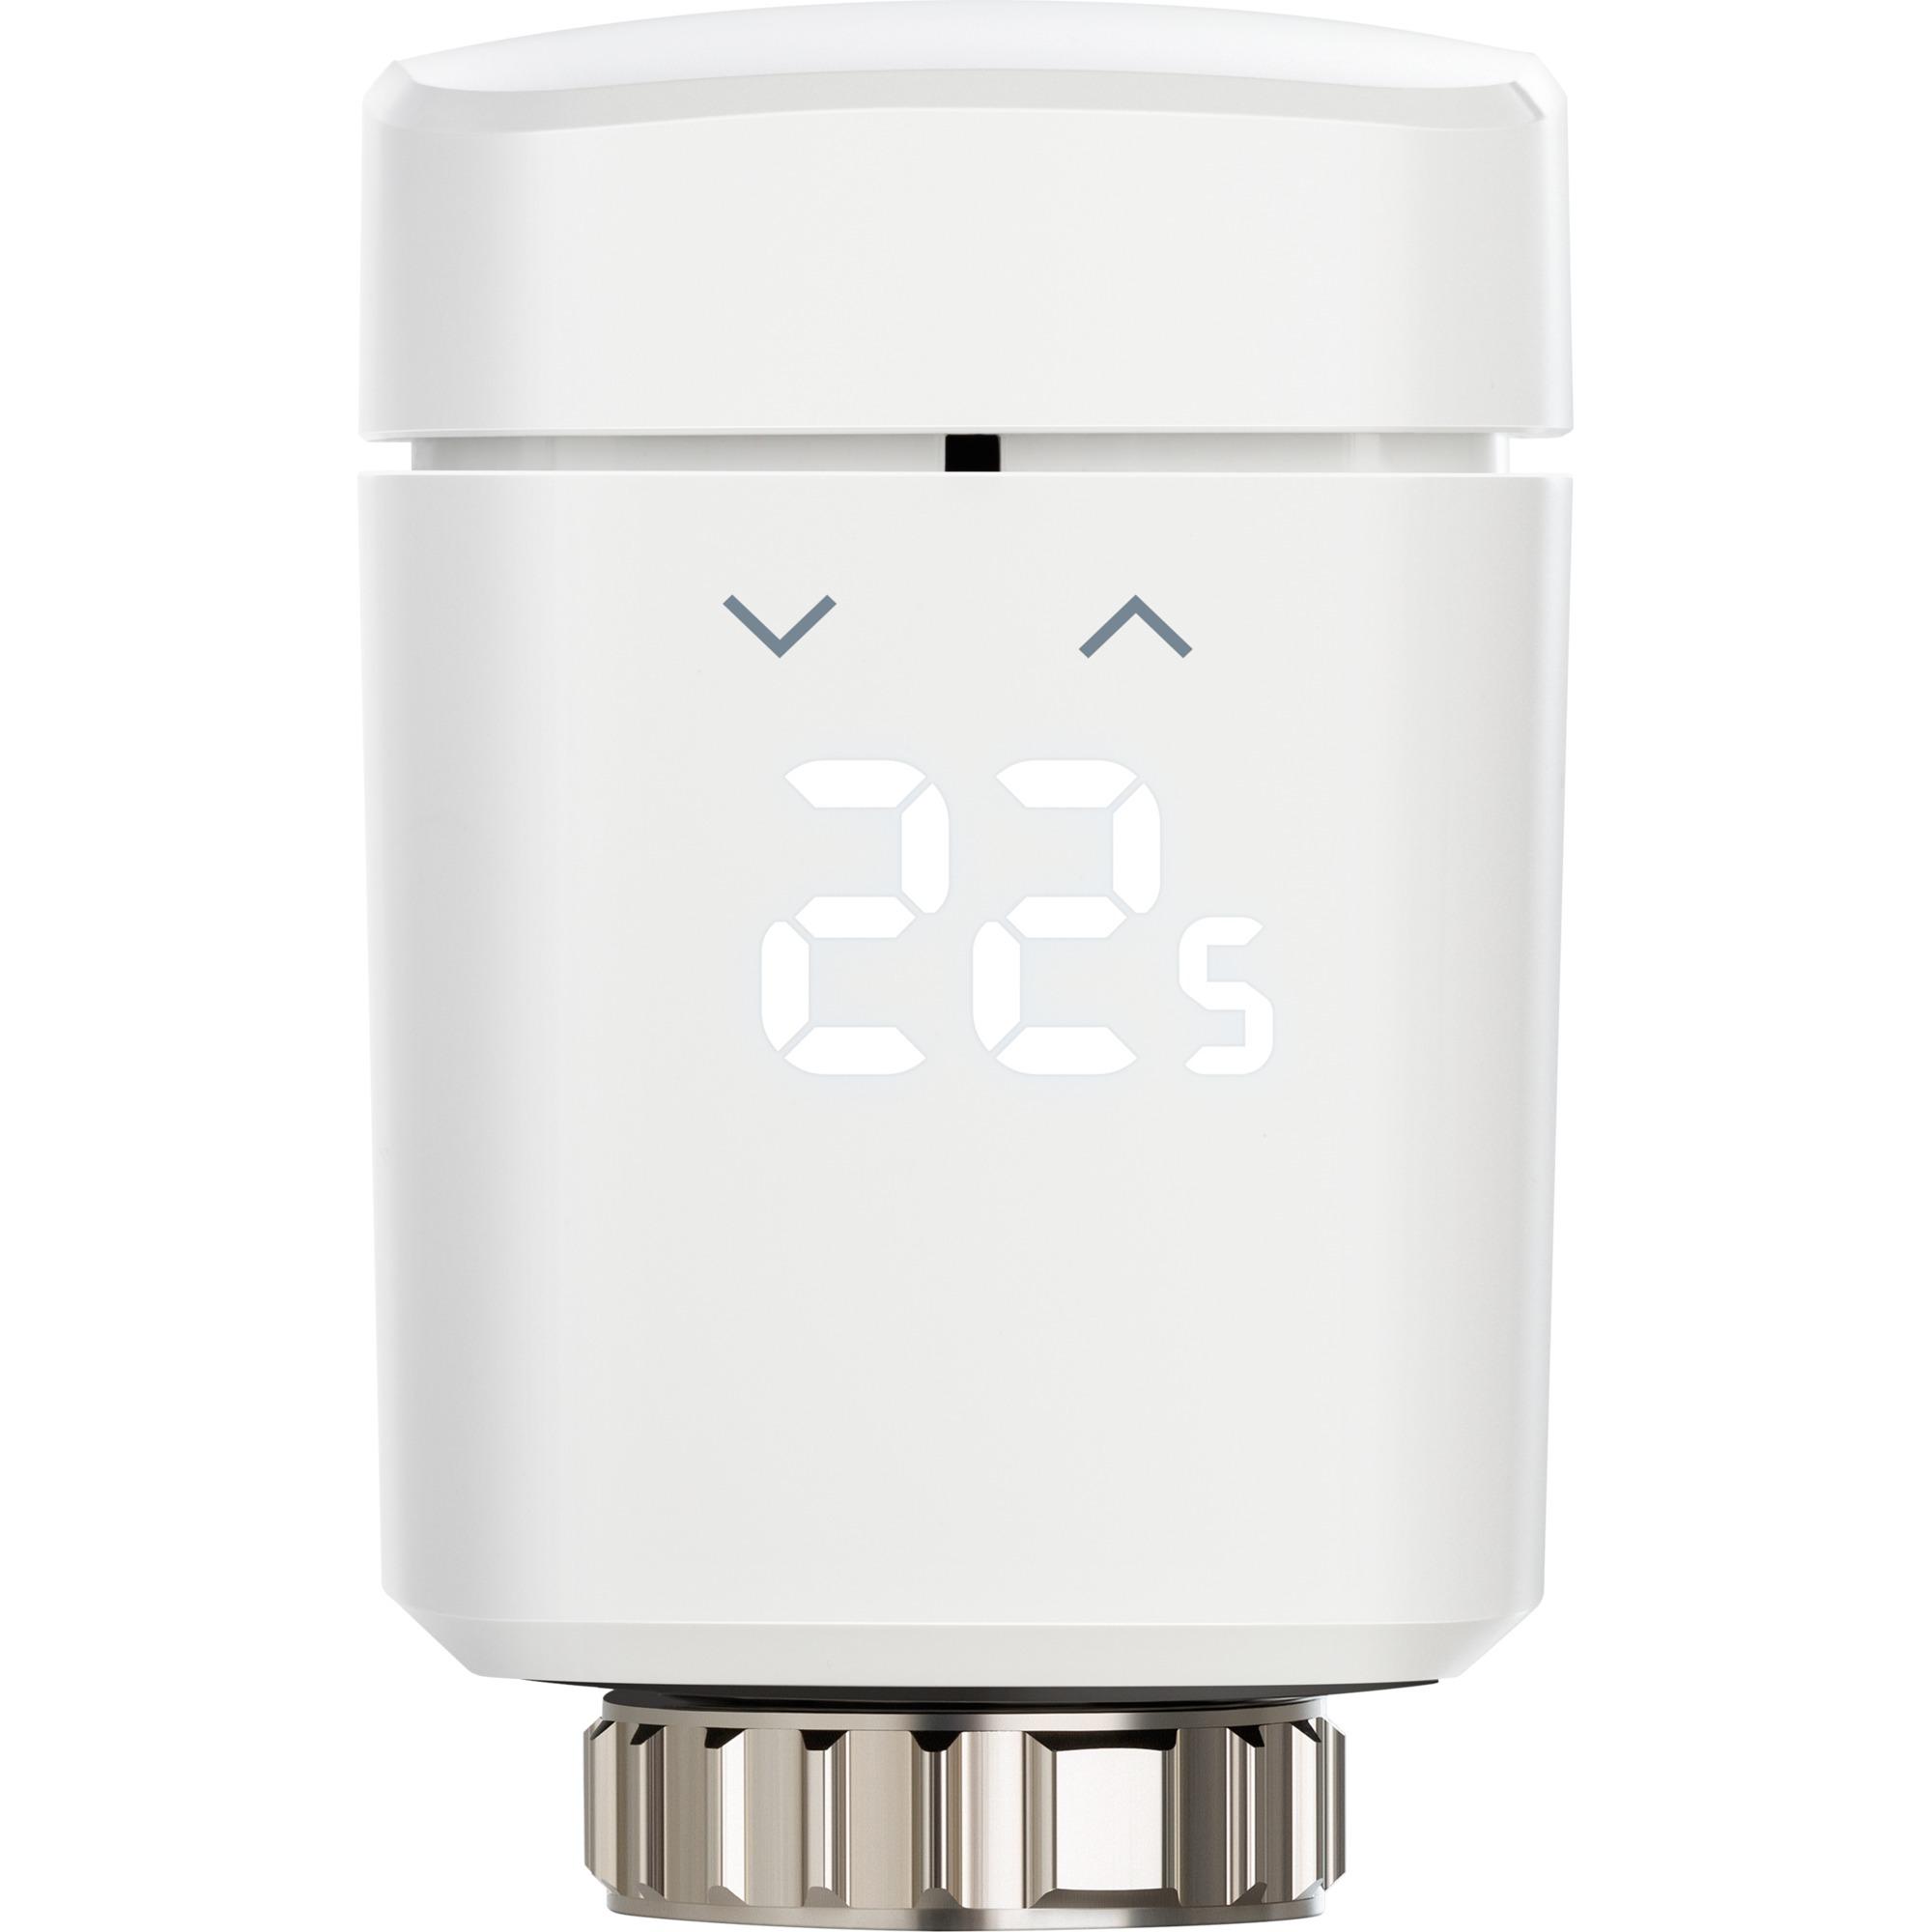 Eve Thermo Bluetooth Blanco termoestato, Termostato de la calefacción